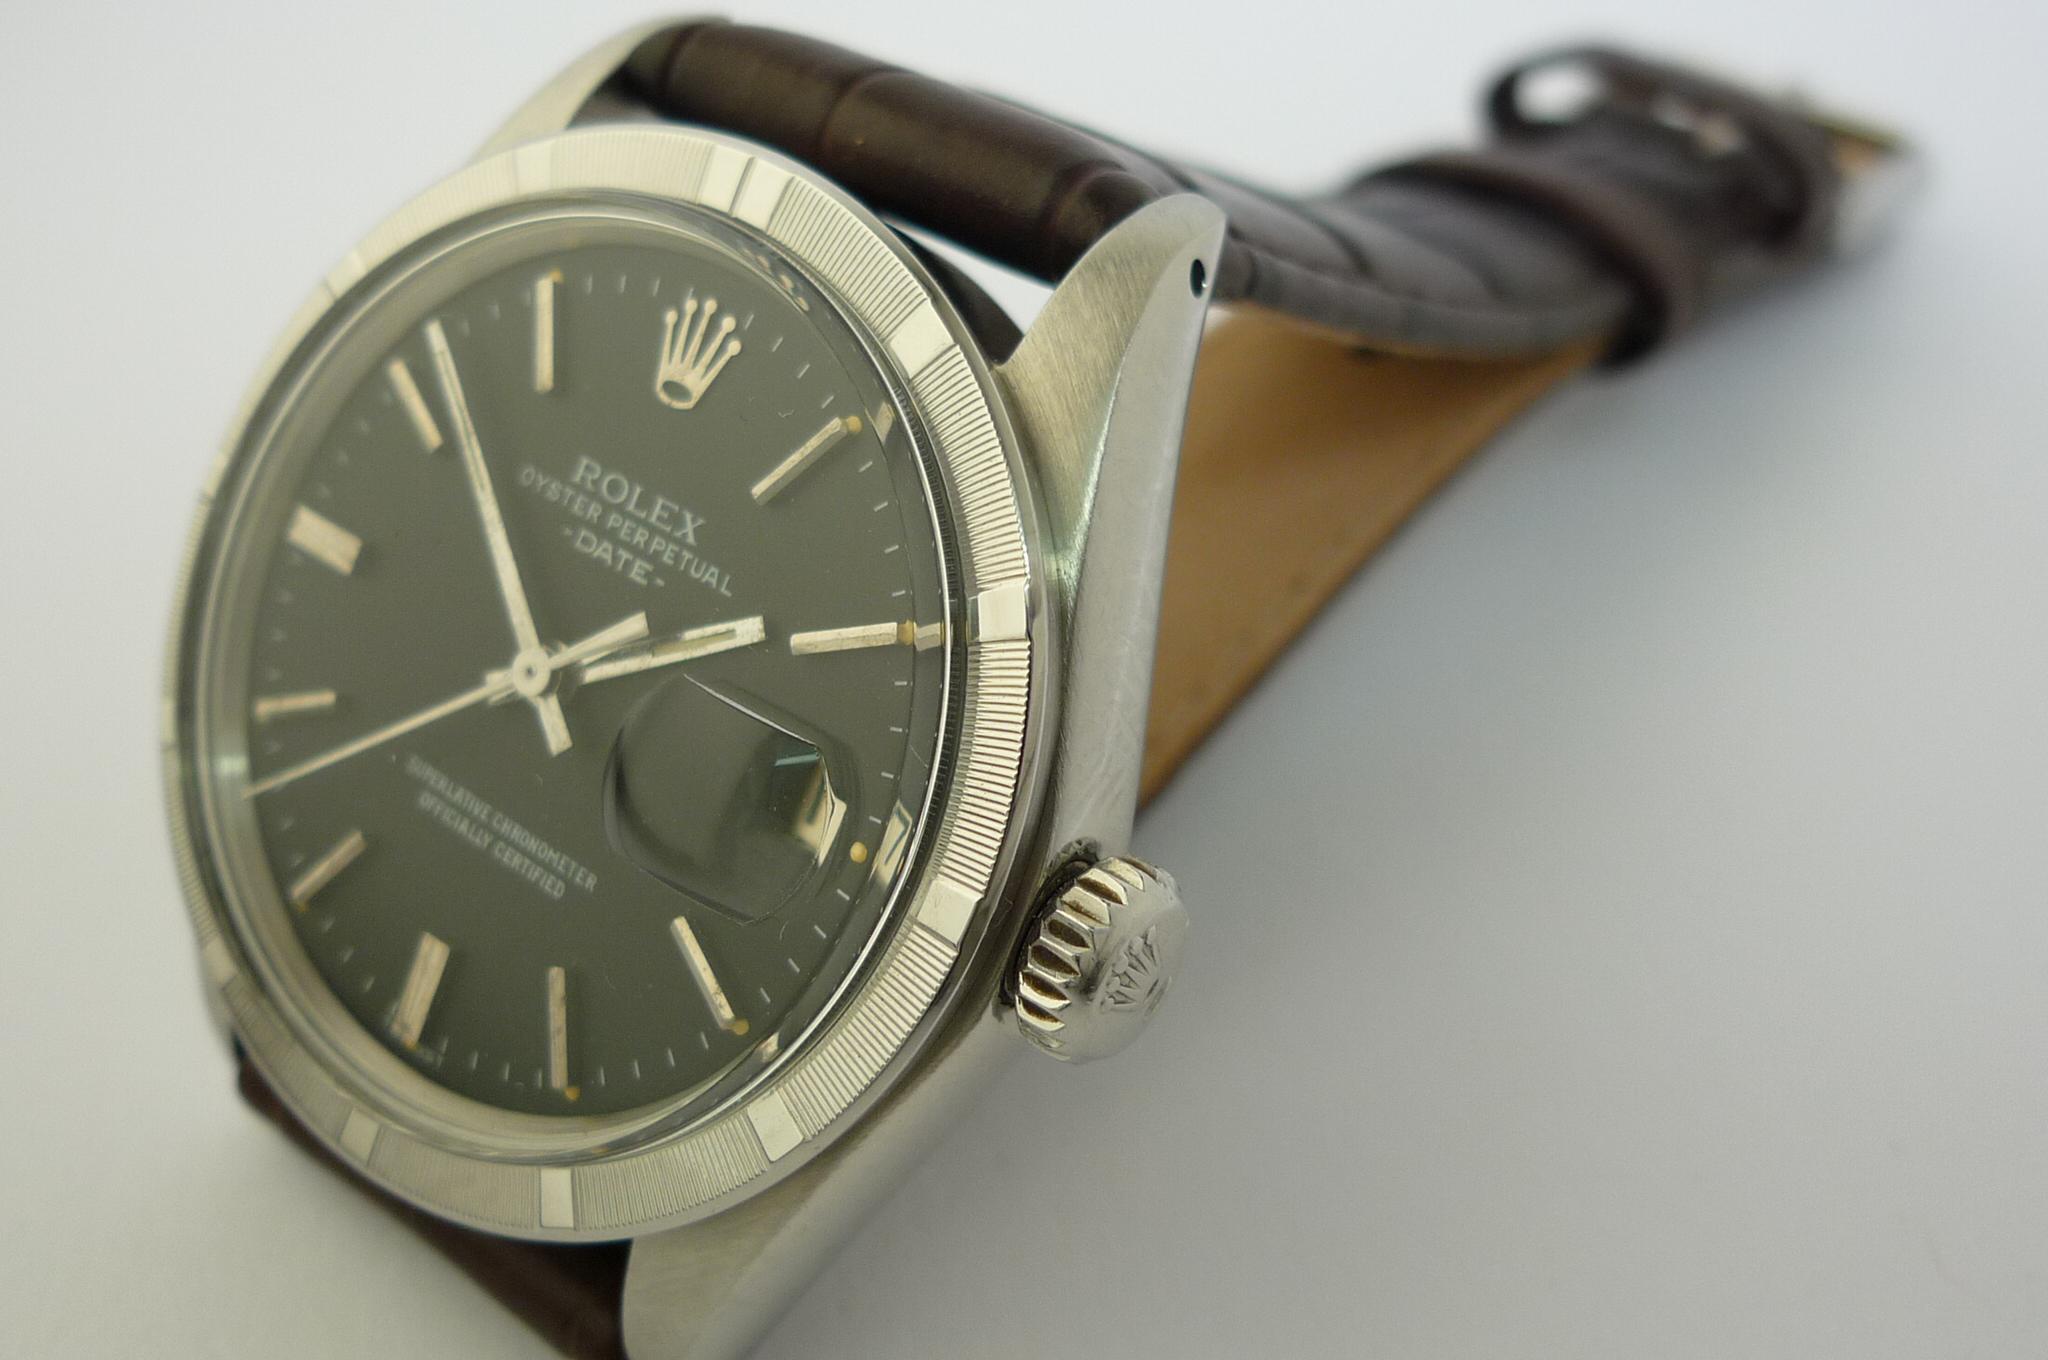 Rolex Oyster Perpetual Date ref 1501 (1969)